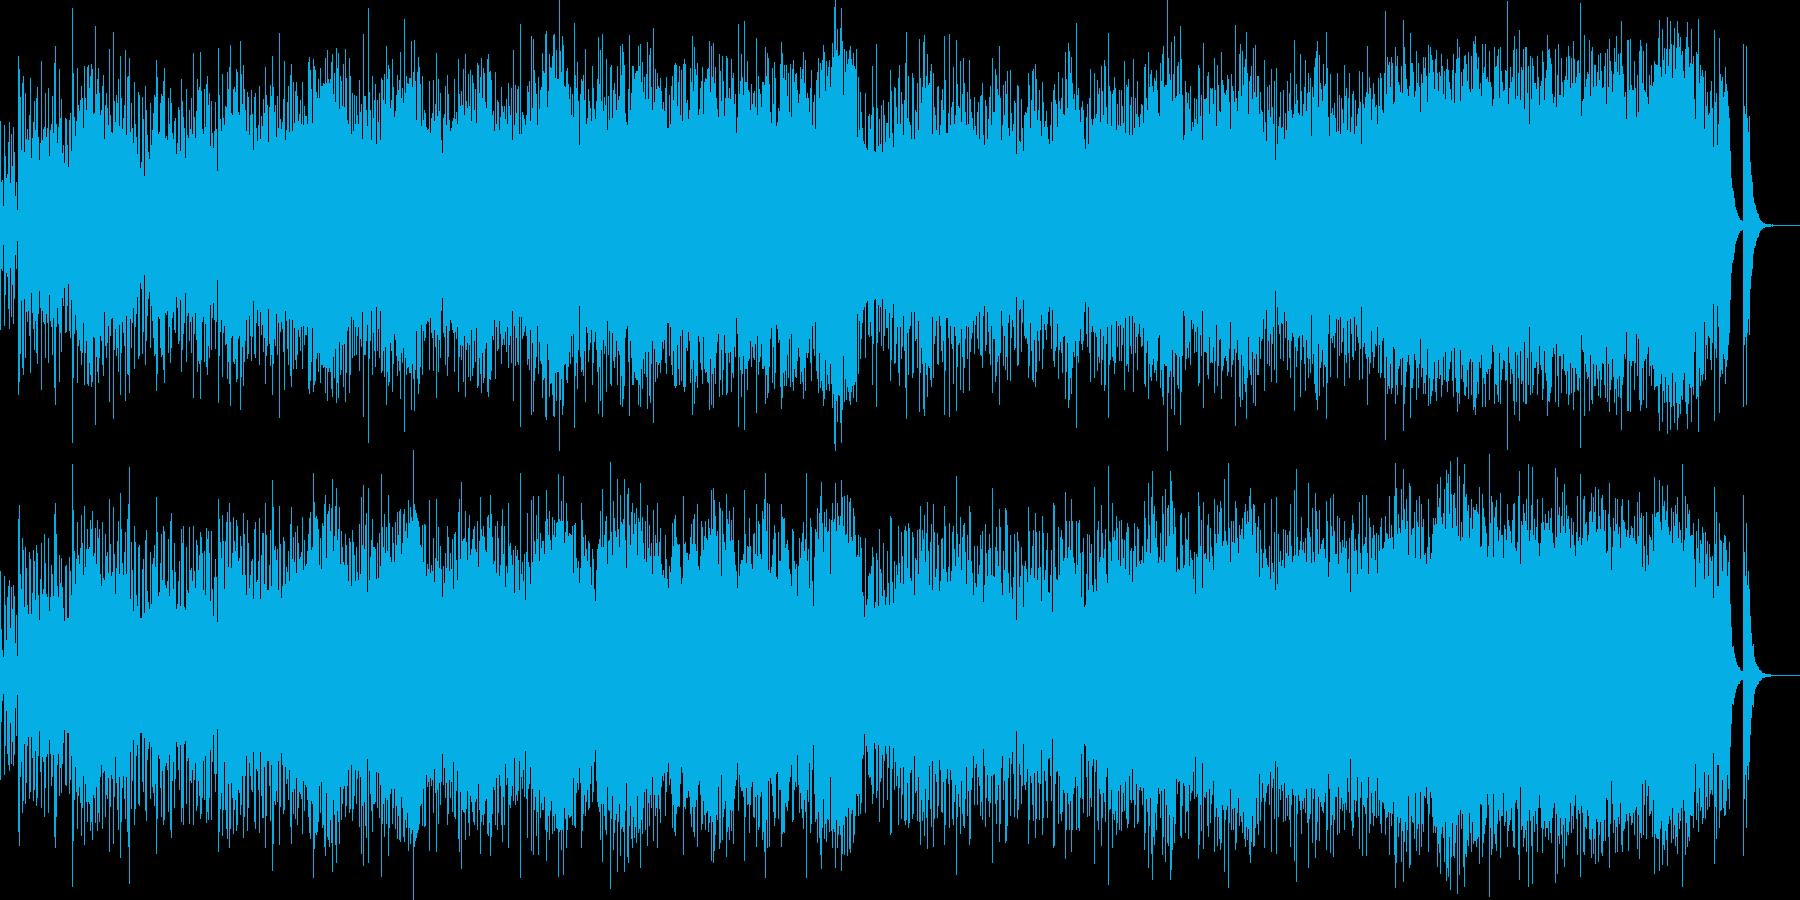 エレキギターのバトルの再生済みの波形